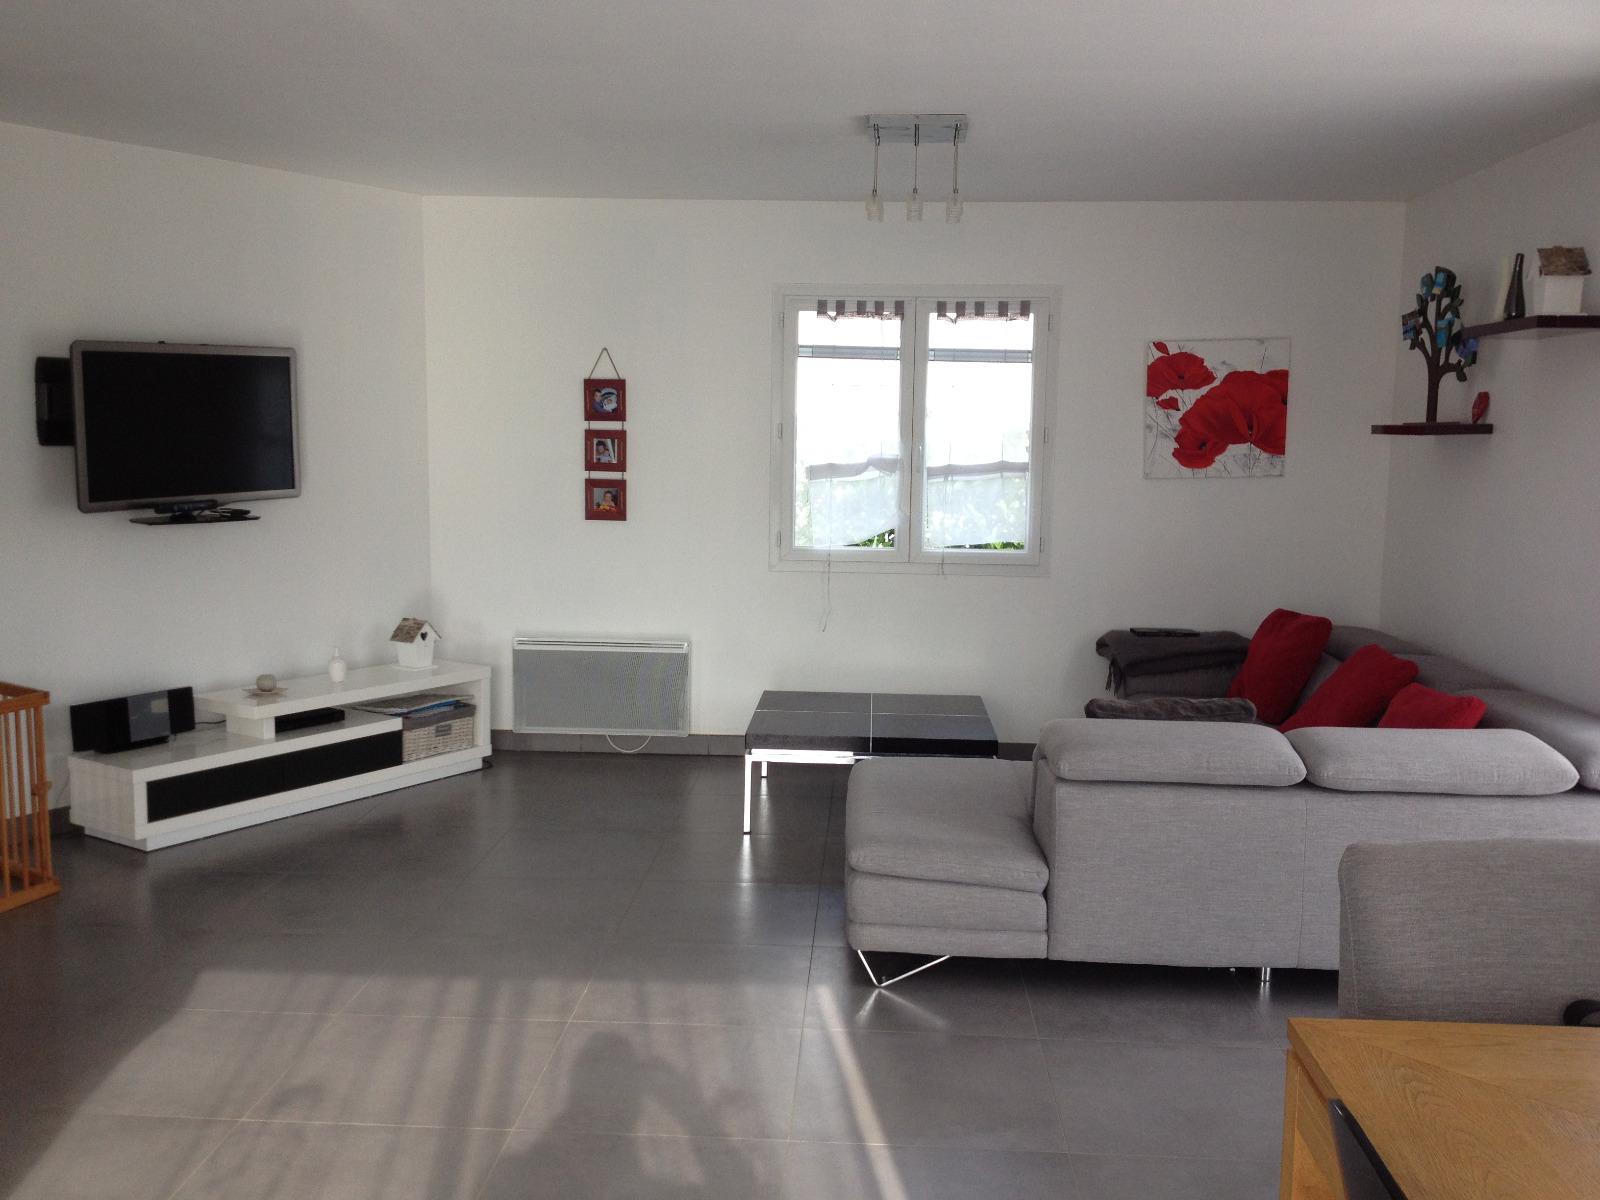 Maison neuve sur coarraze 120 m avec terrain 3 chambres for Achat maison neuve avec terrain